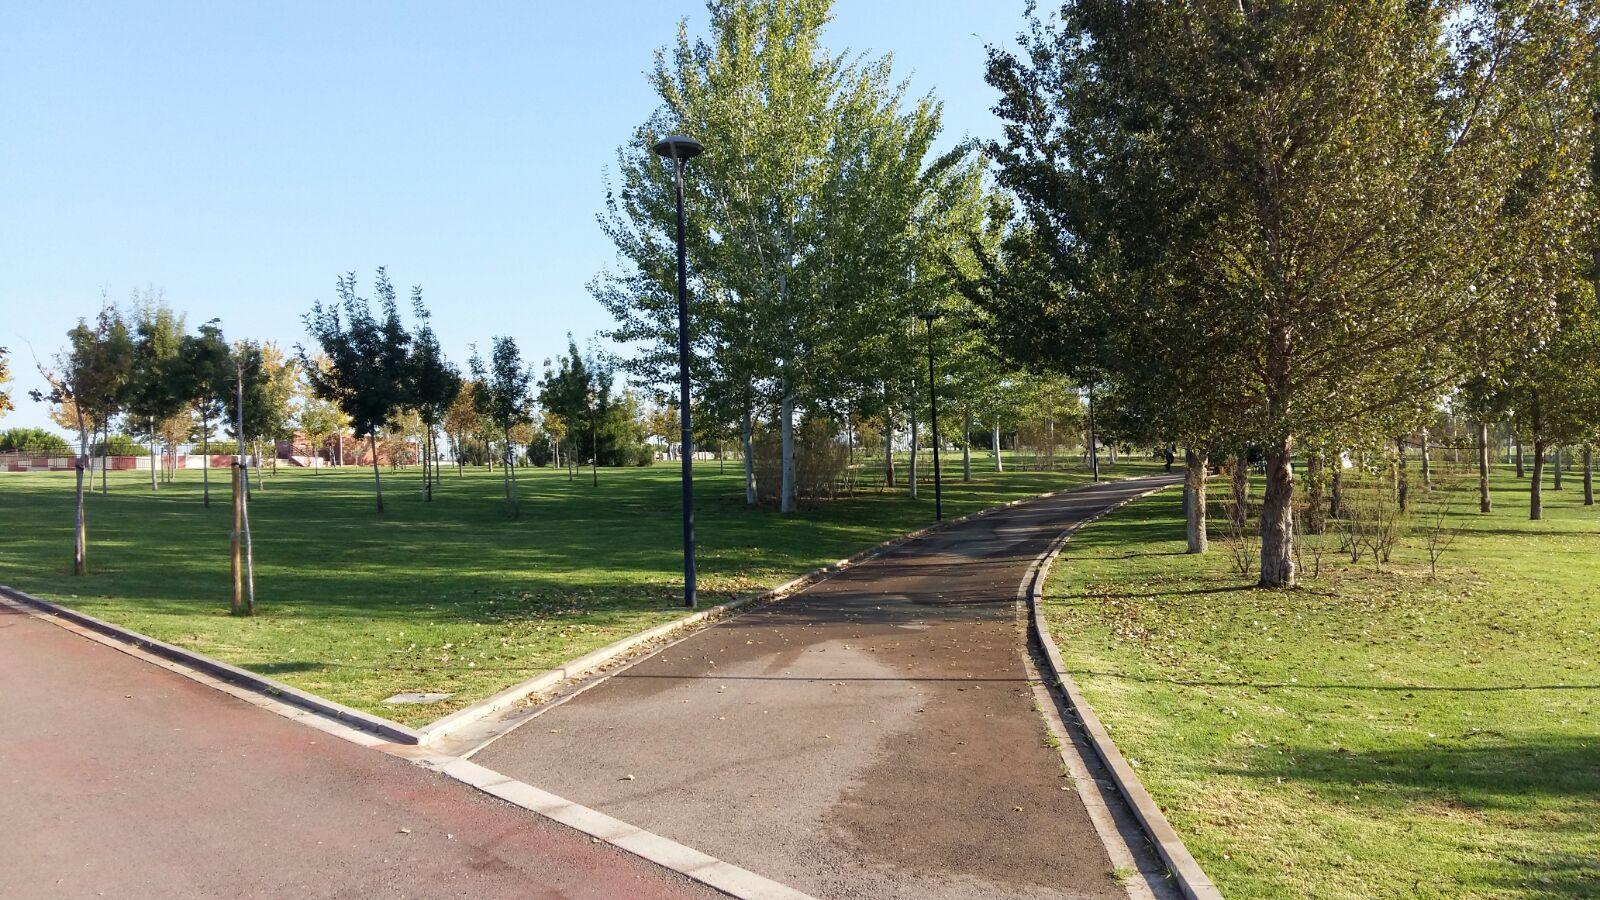 Torrent pedirá a la Conselleria la creación de un nuevo ambulatorio para la zona Parc Central